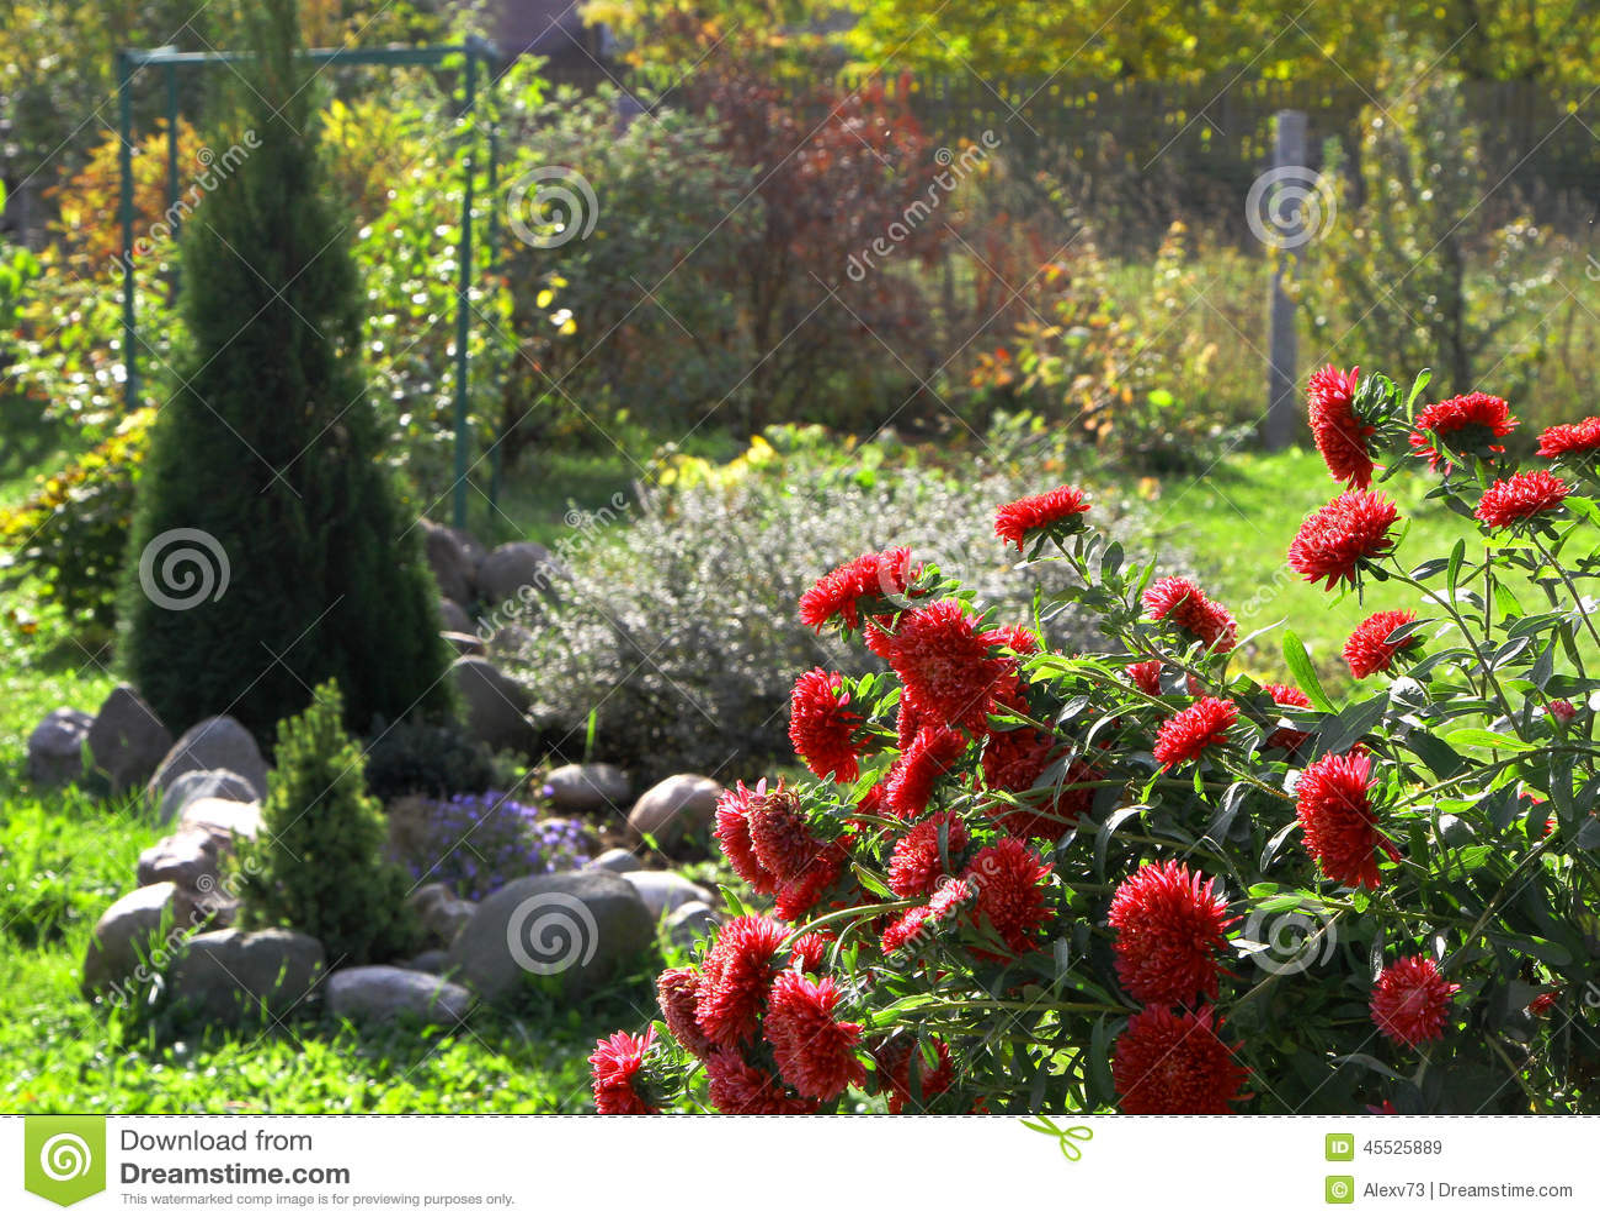 Alberi da giardino con fiori fabulous alberi con rami - Alberi da giardino con fiori ...